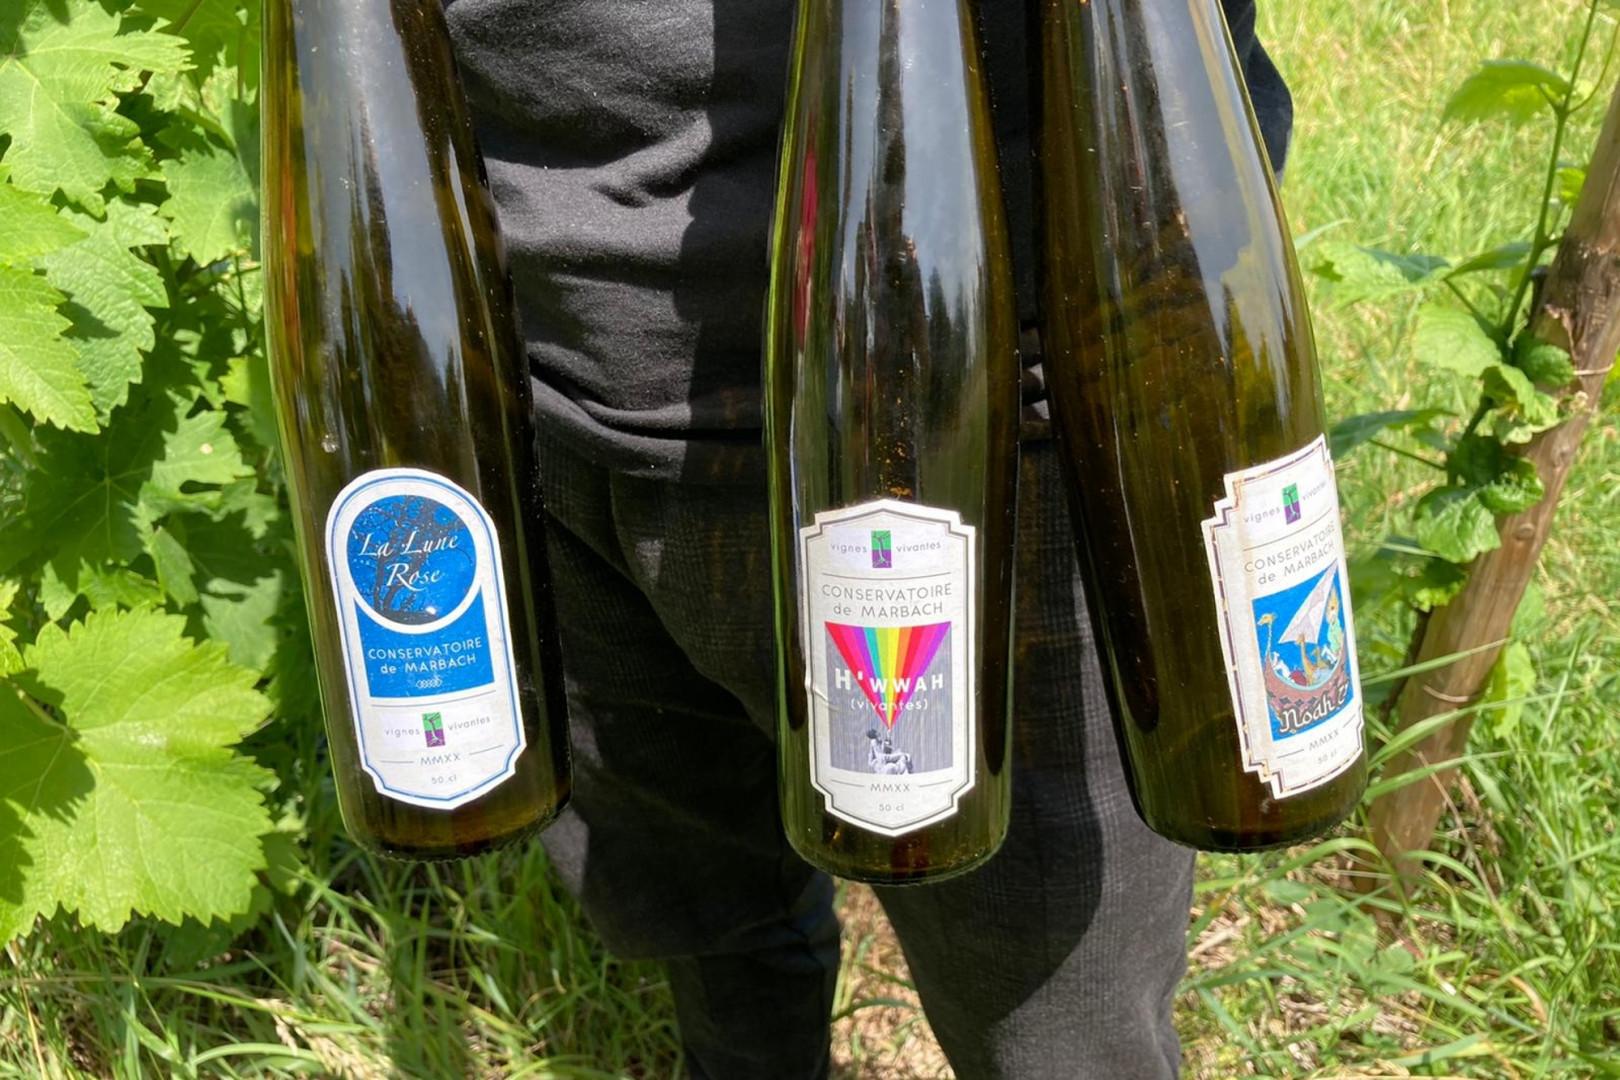 Trois bouteilles de vins produits grâce à Haroon Rahimi